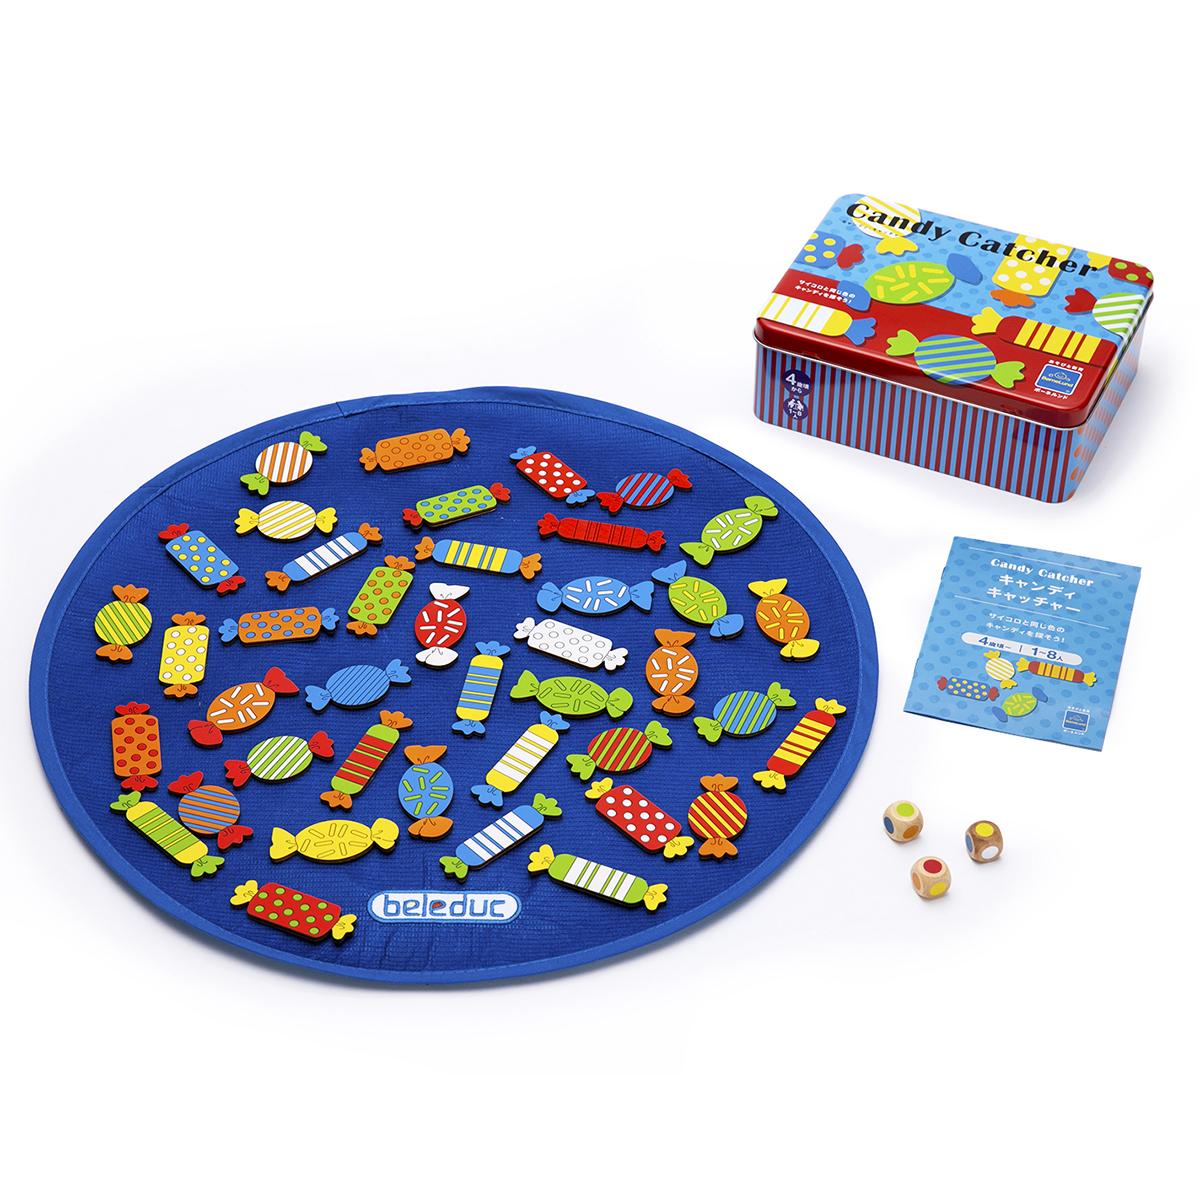 【雨の日に】家族で楽しめるボードゲーム